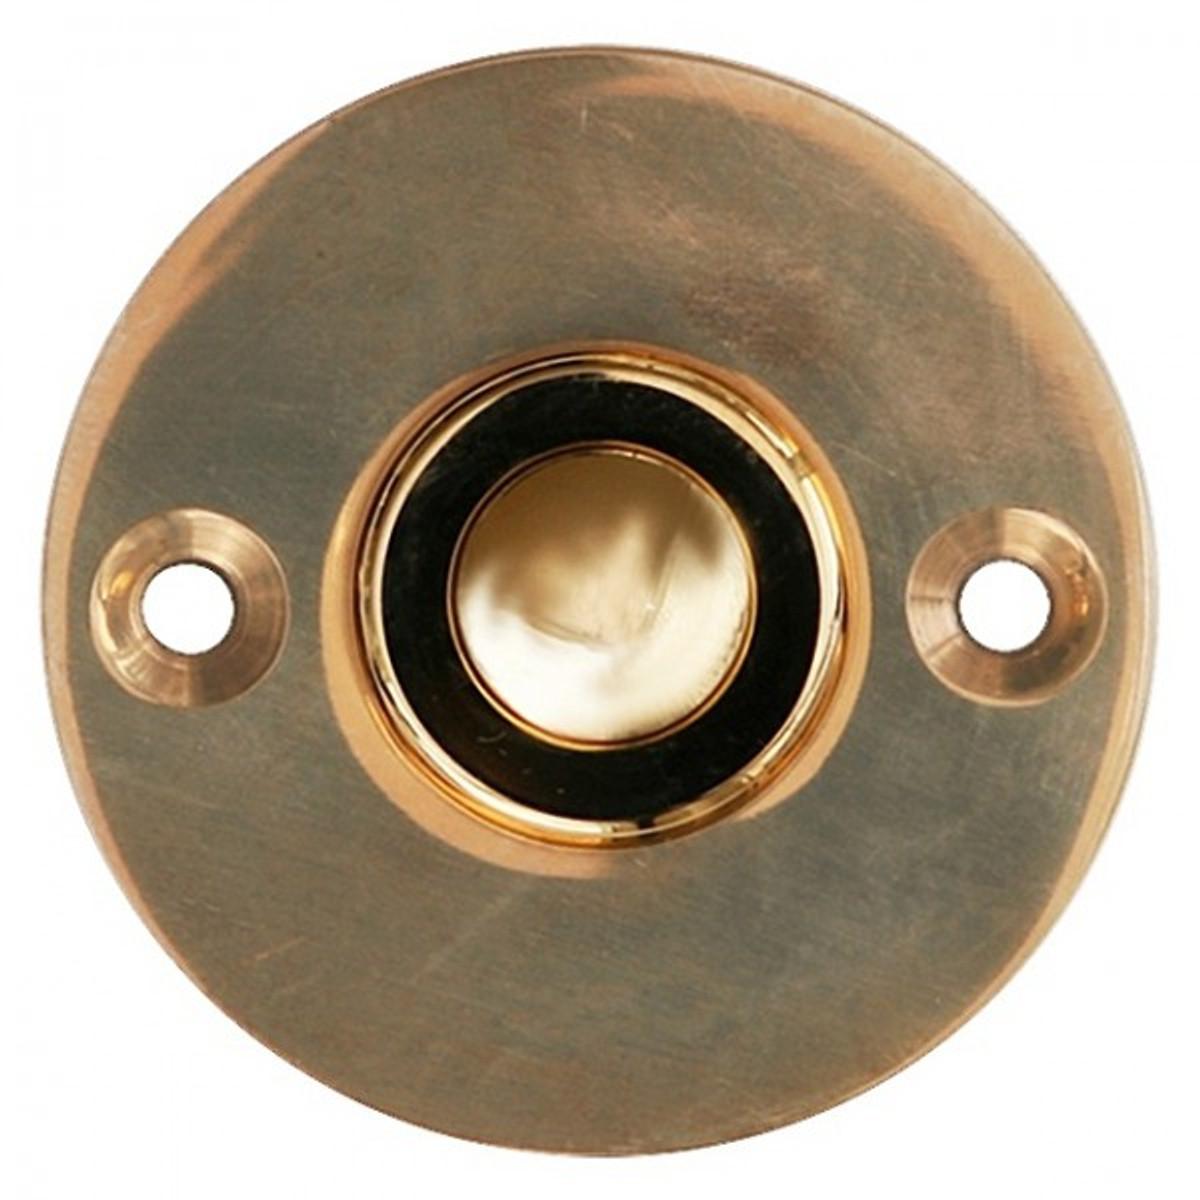 Türklingeln aus poliertem Messing im schlichten Antik Design. Hochwertige Haustürklingel mit Klingeltaster und Platte.